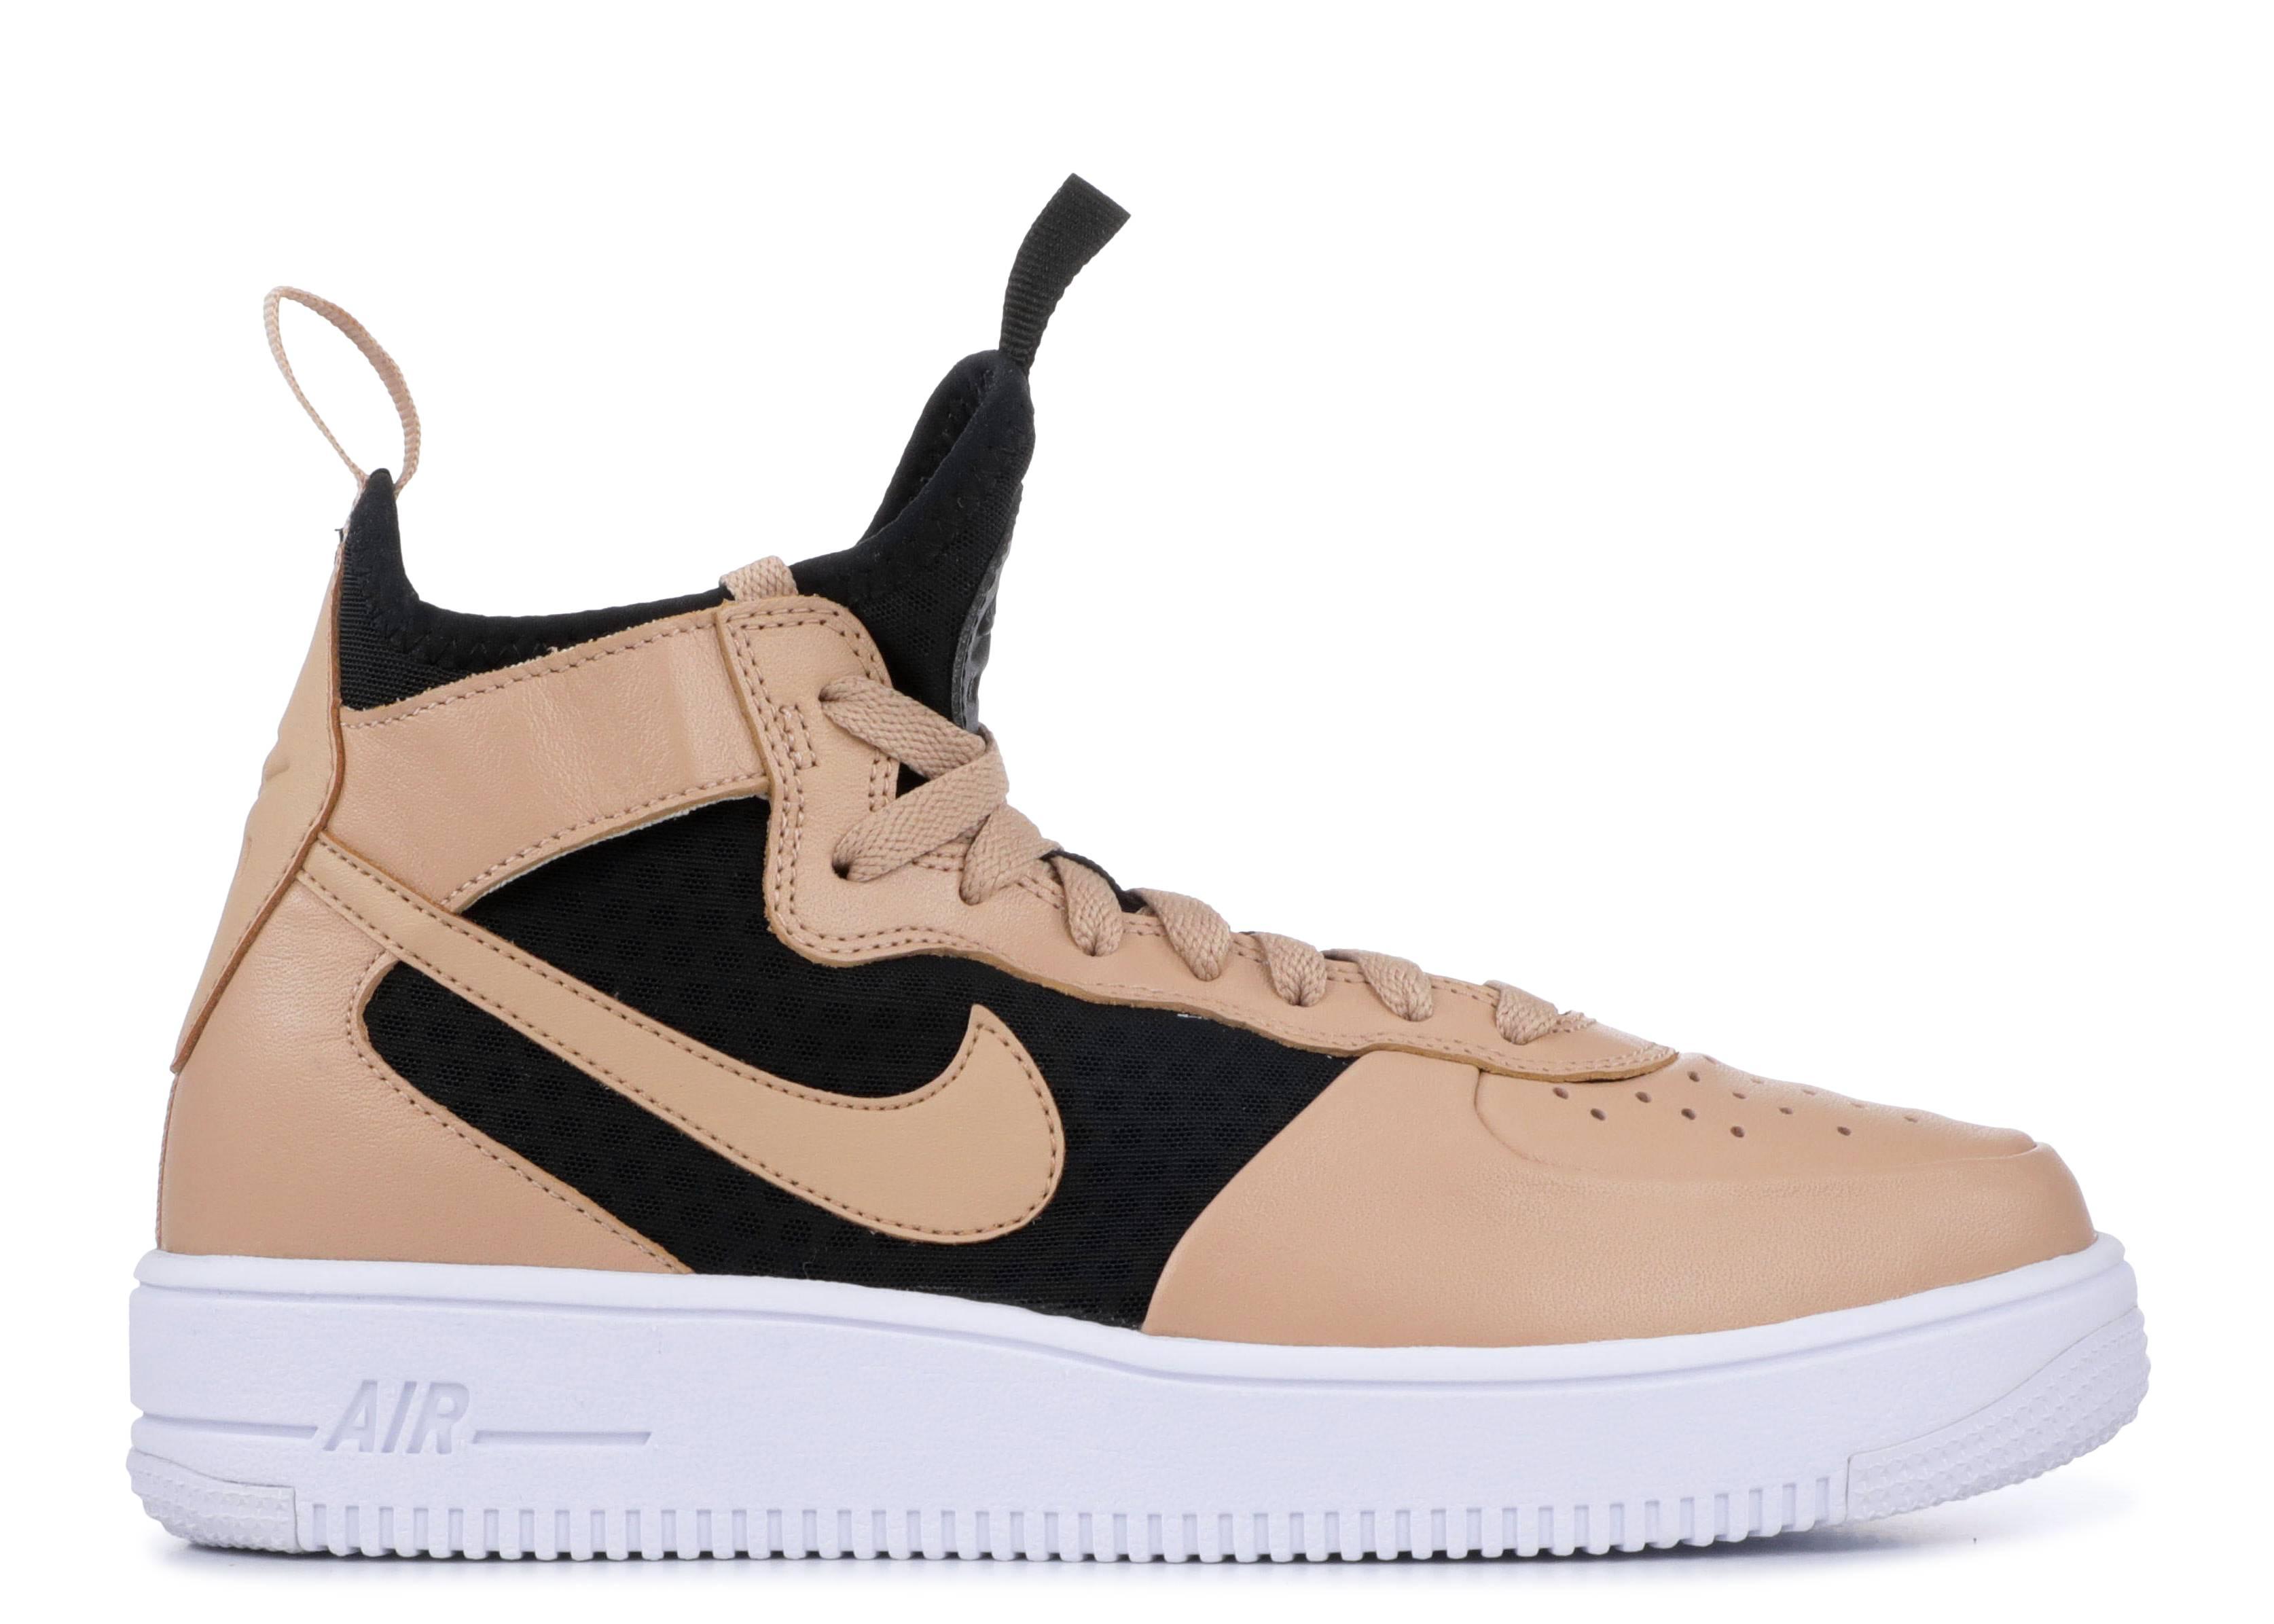 Nike Ultraforce Air Force One High Tops